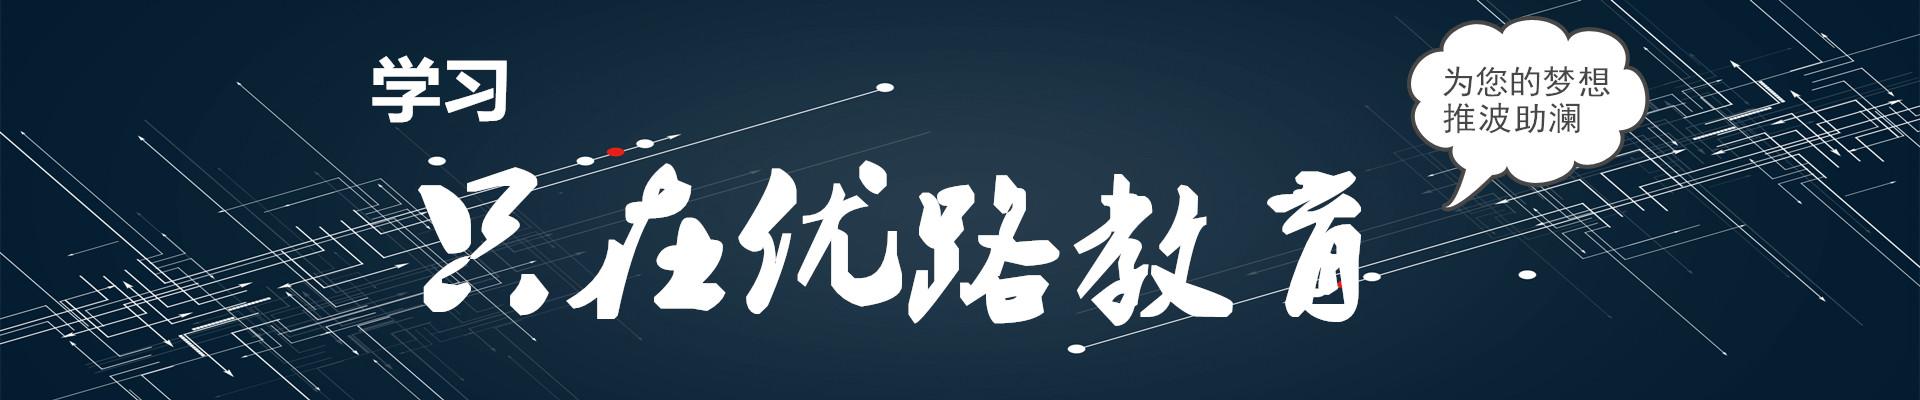 内蒙古通辽优路教育培训学校